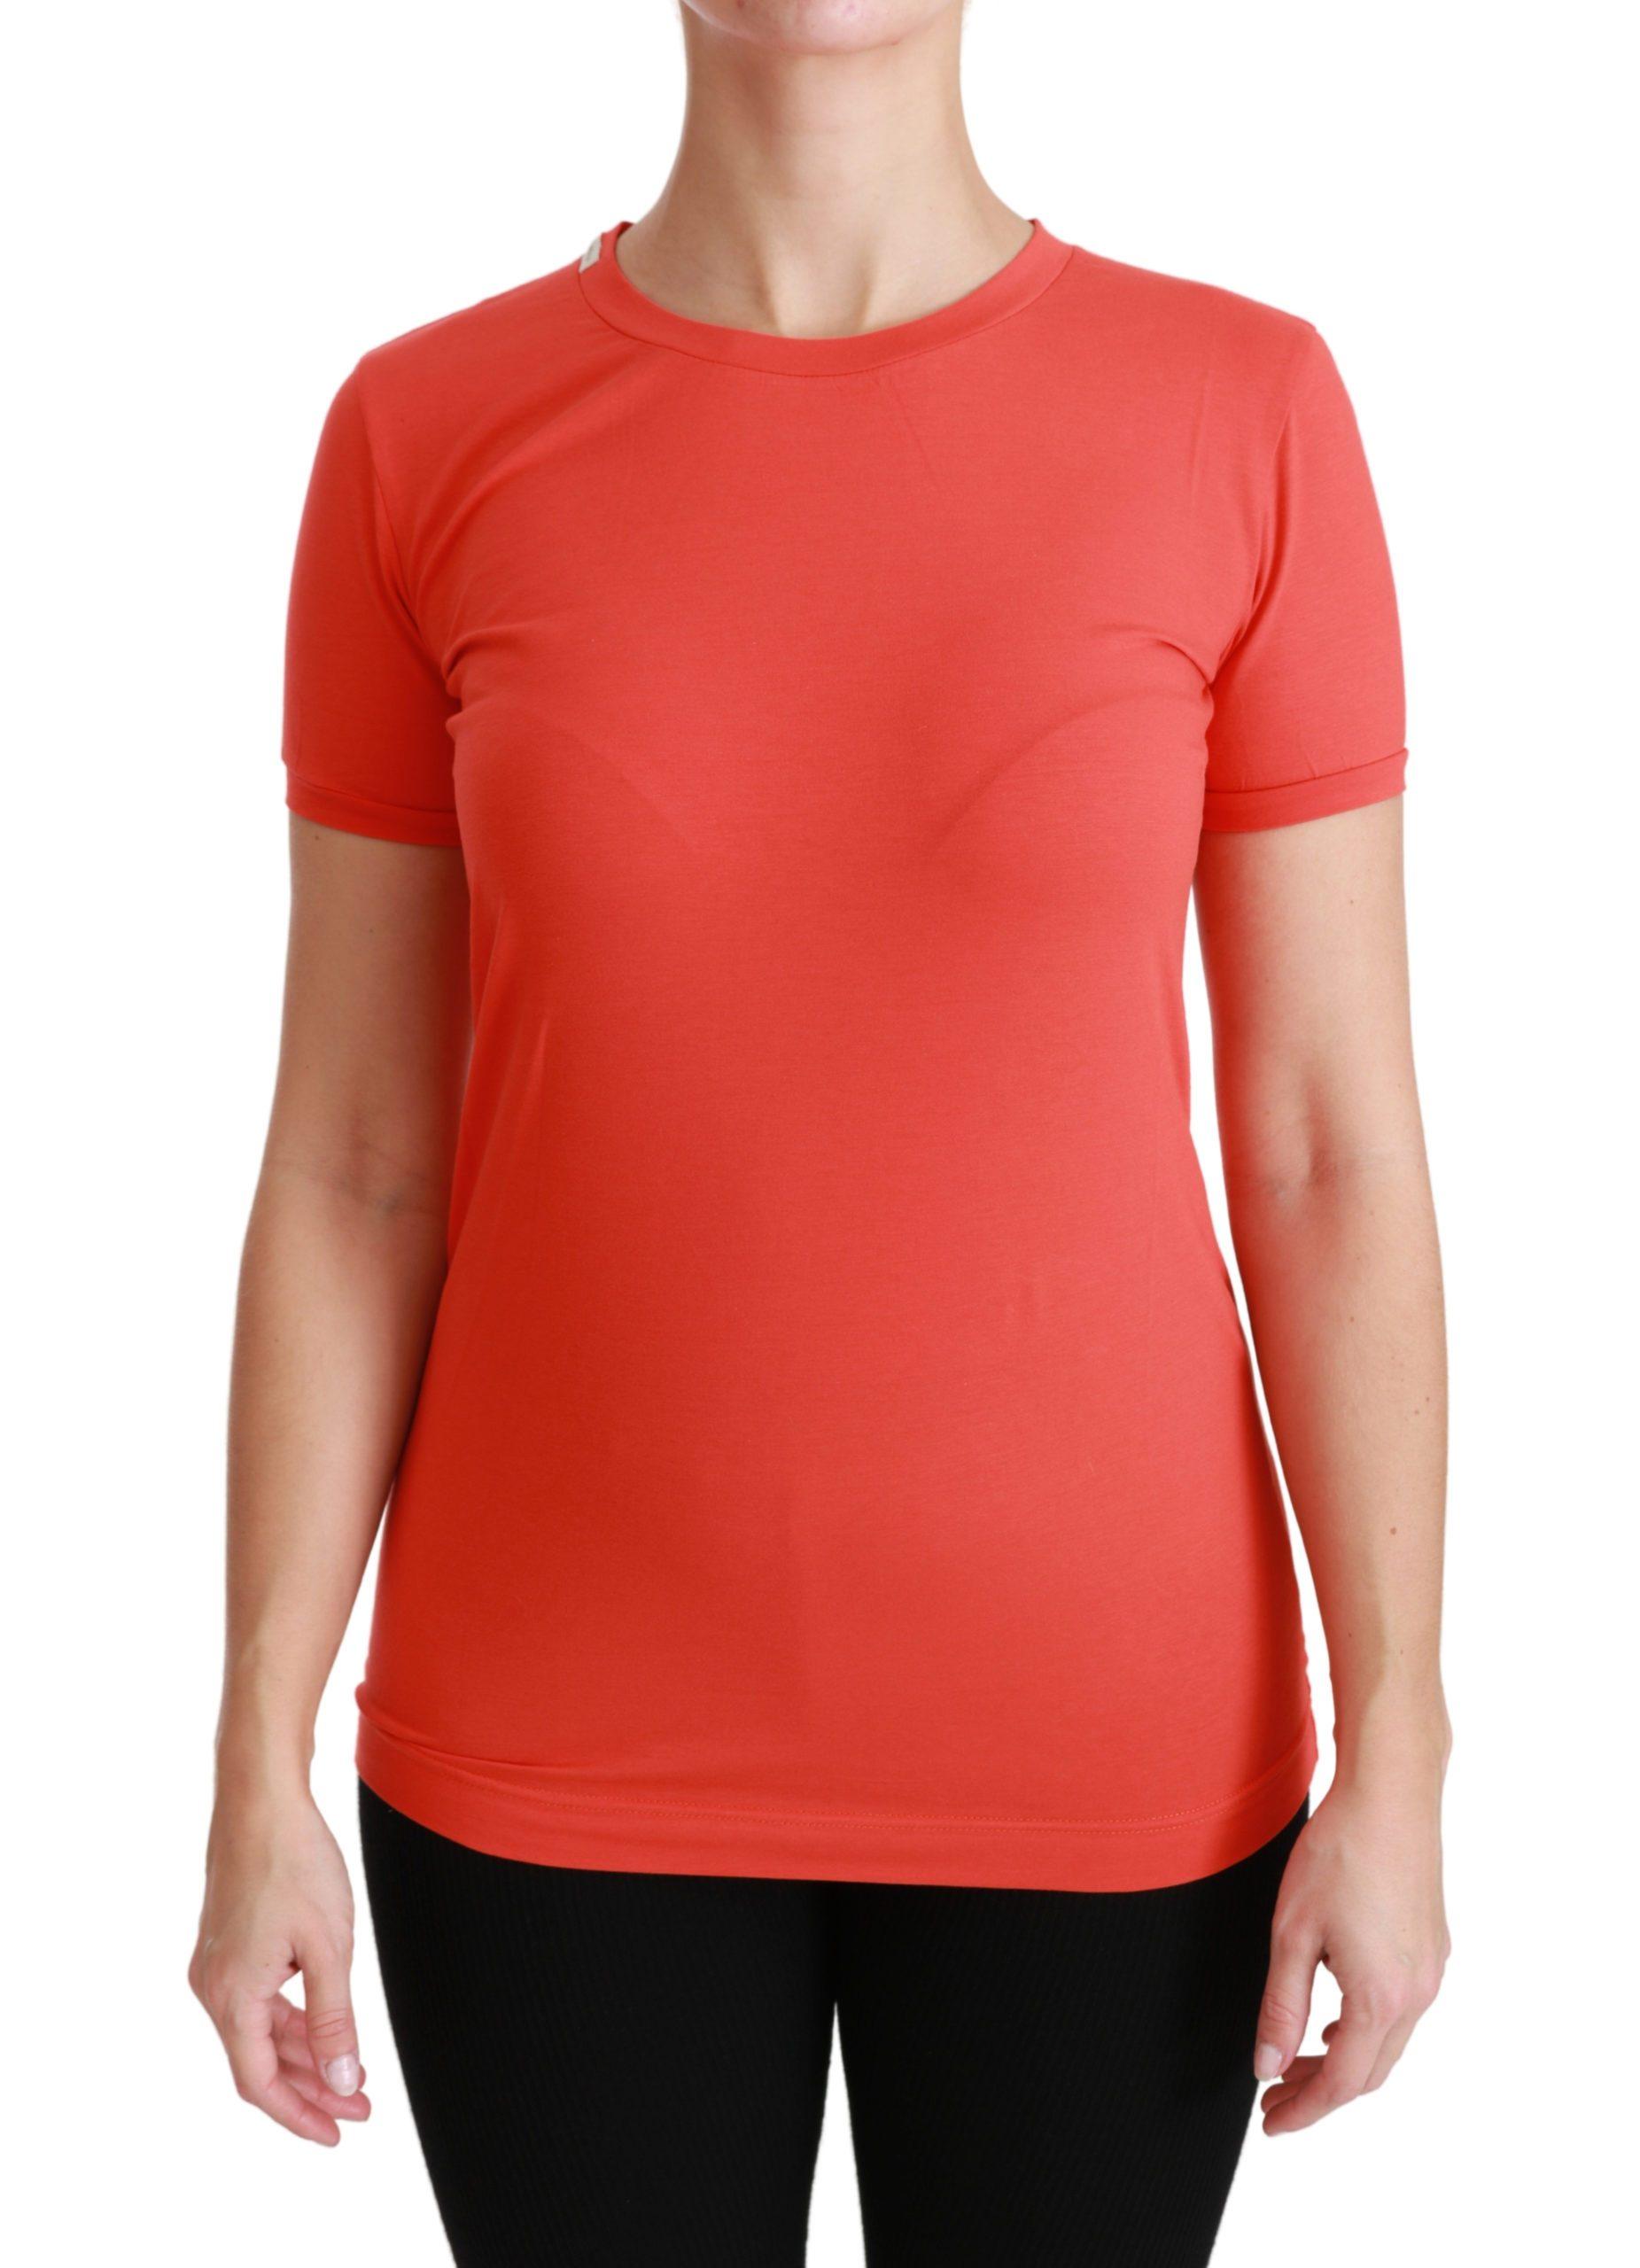 Dolce & Gabbana Women's SS T-Shirt Red TSH4429 - IT36 | XS